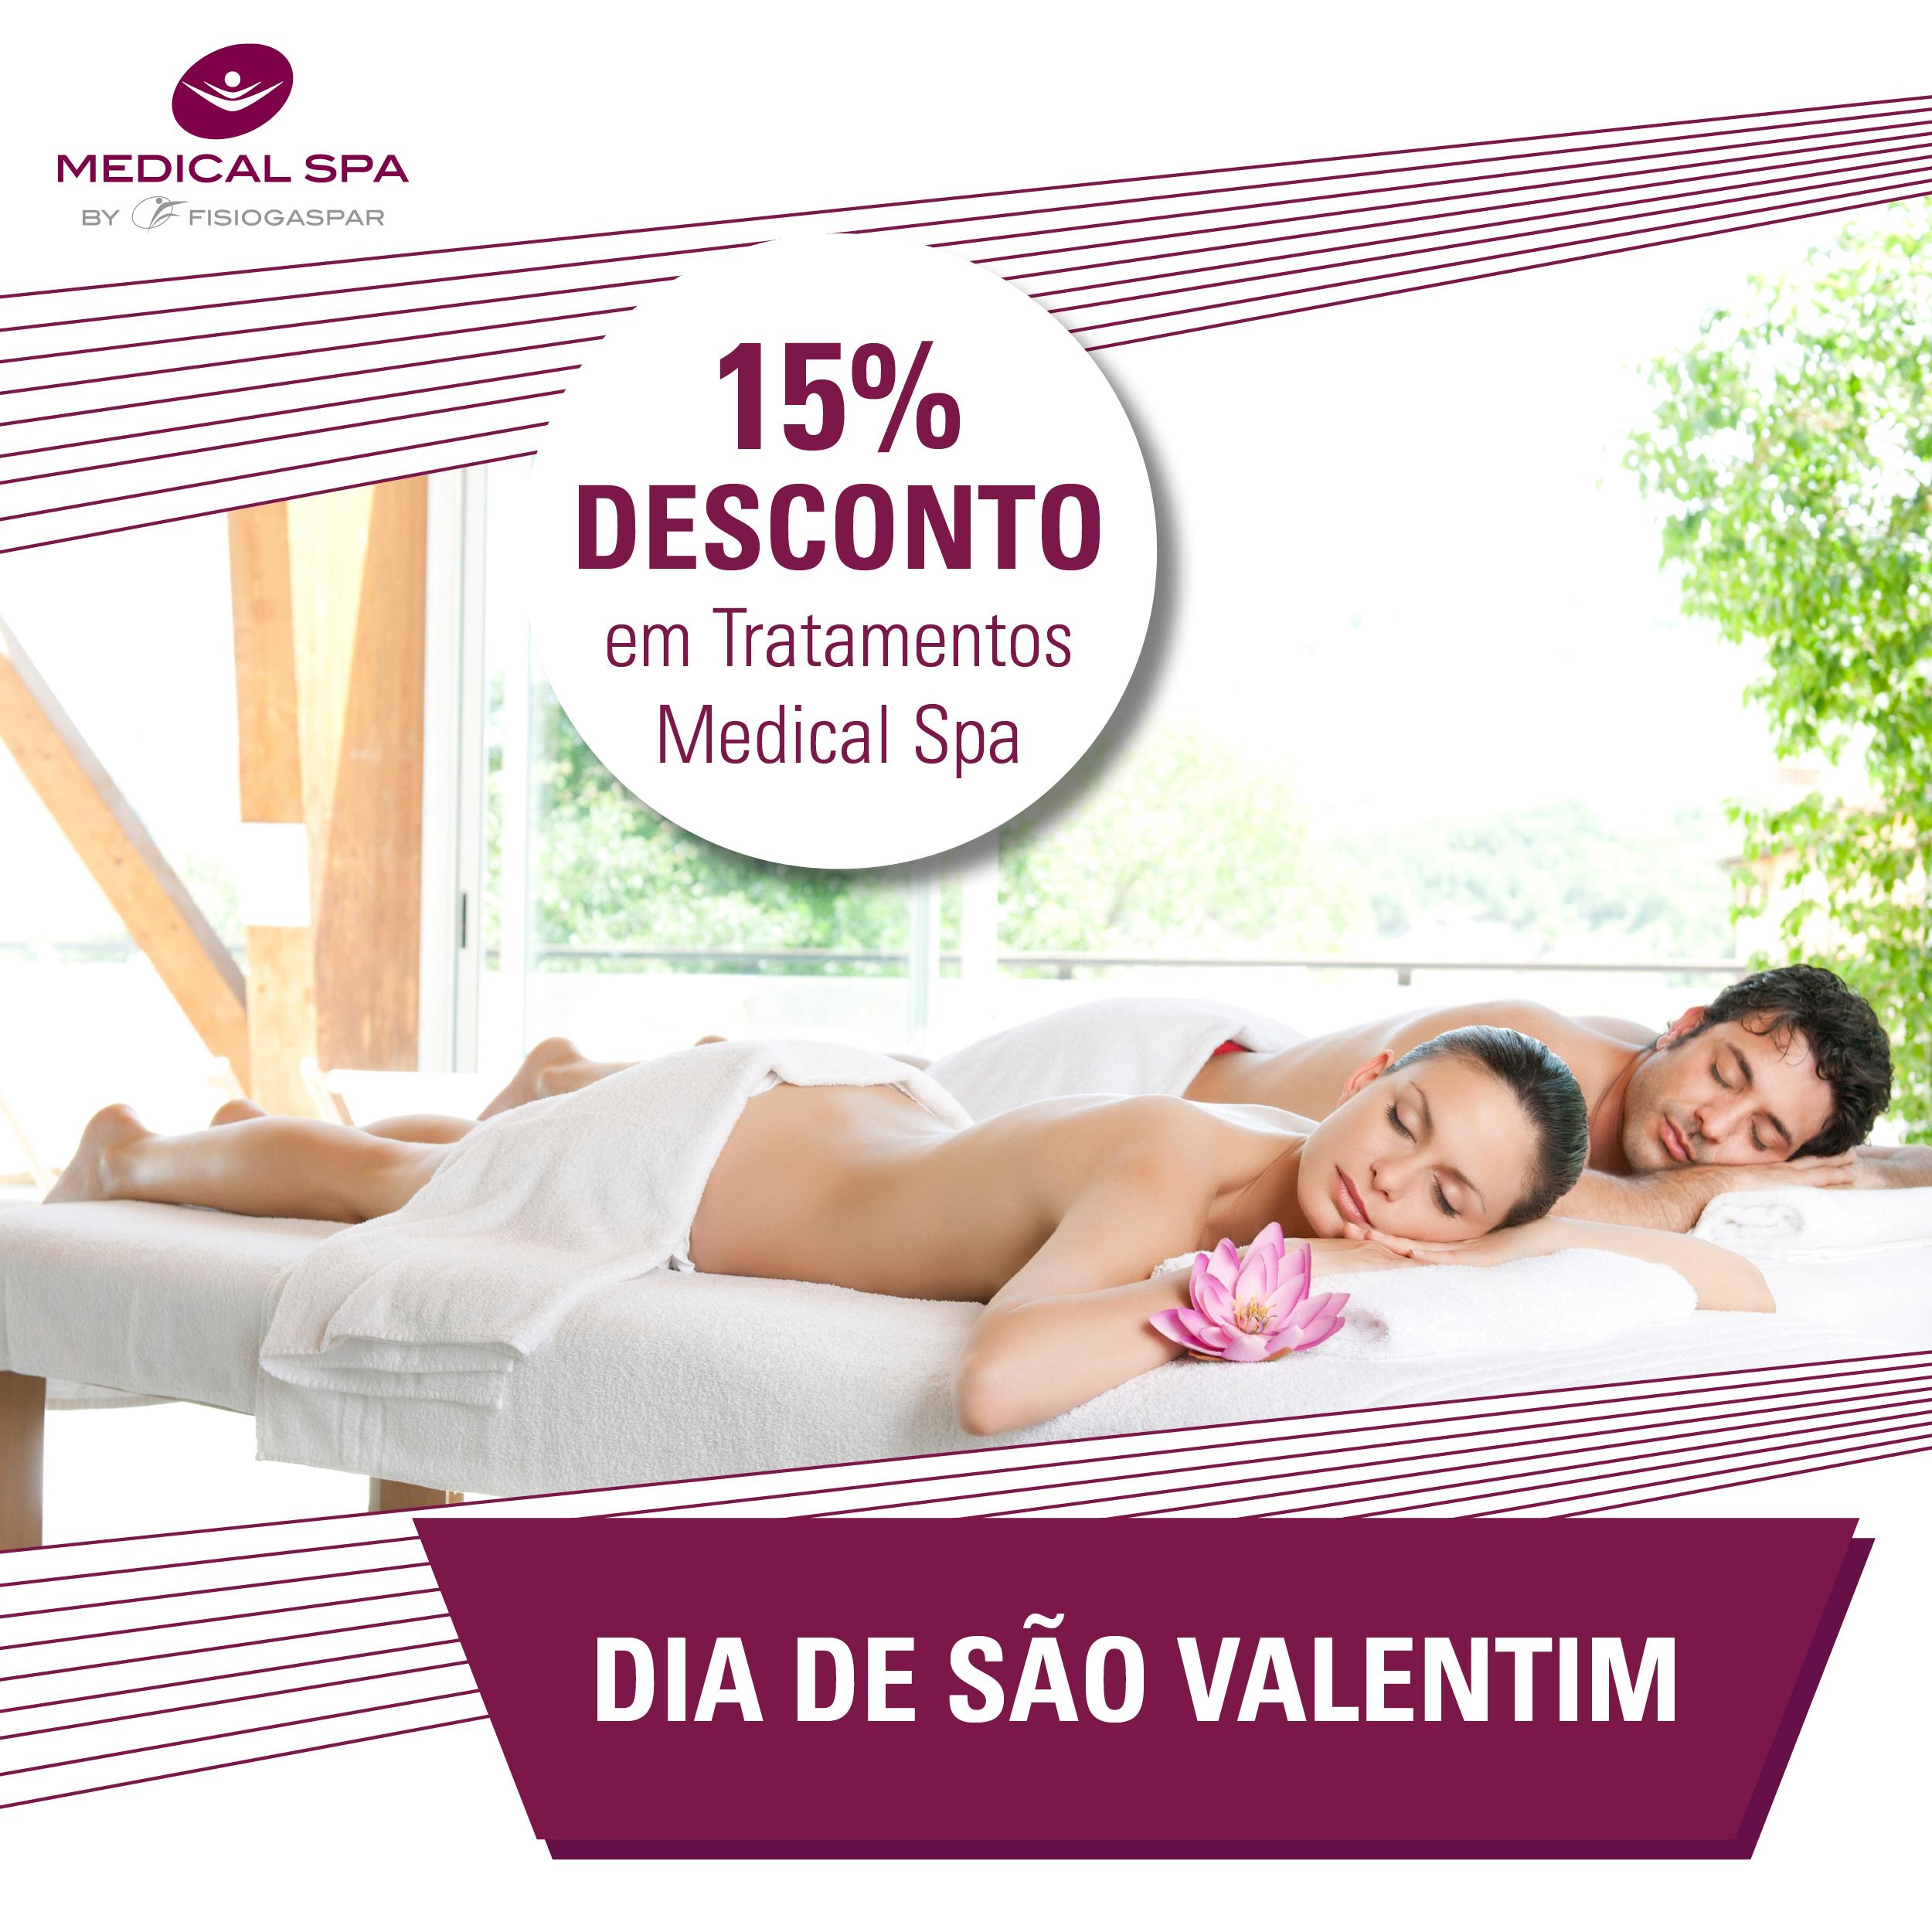 Massagem Tratamentos Medical SPA Desconto